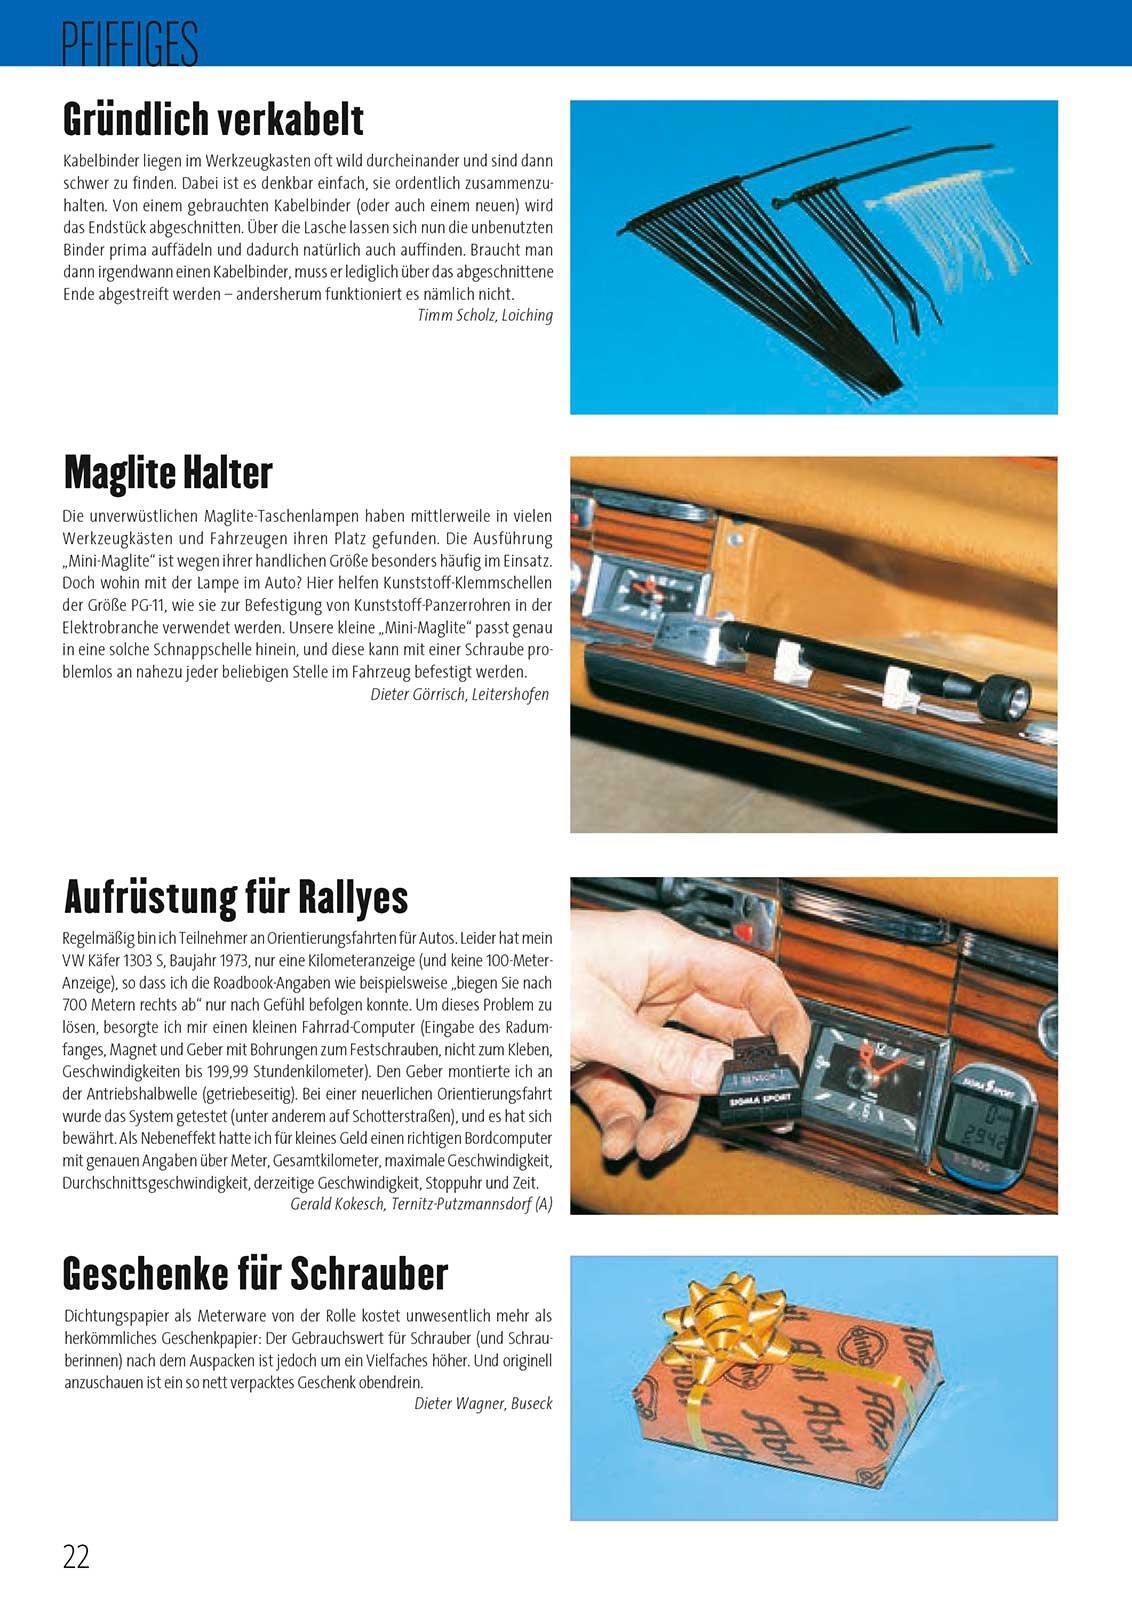 Niedlich Verkabelung Funktioniert Bilder - Schaltplan Serie Circuit ...